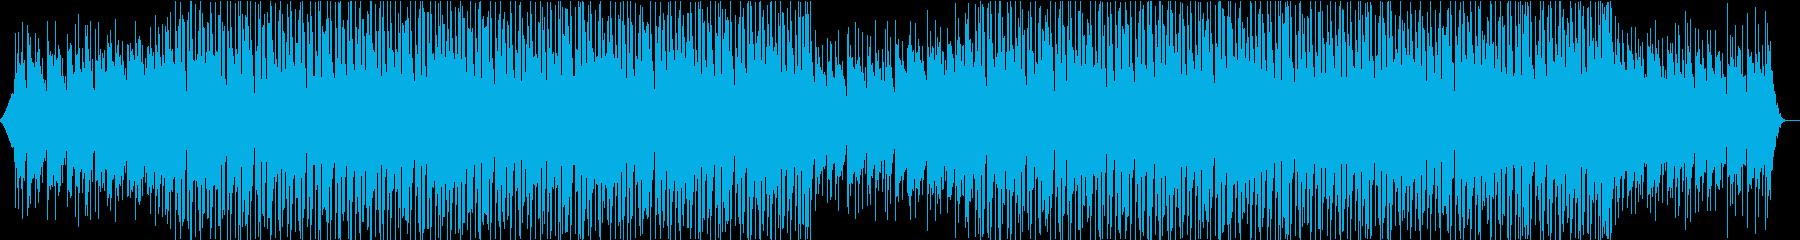 【EDM×クラシック】切ないEDMの再生済みの波形